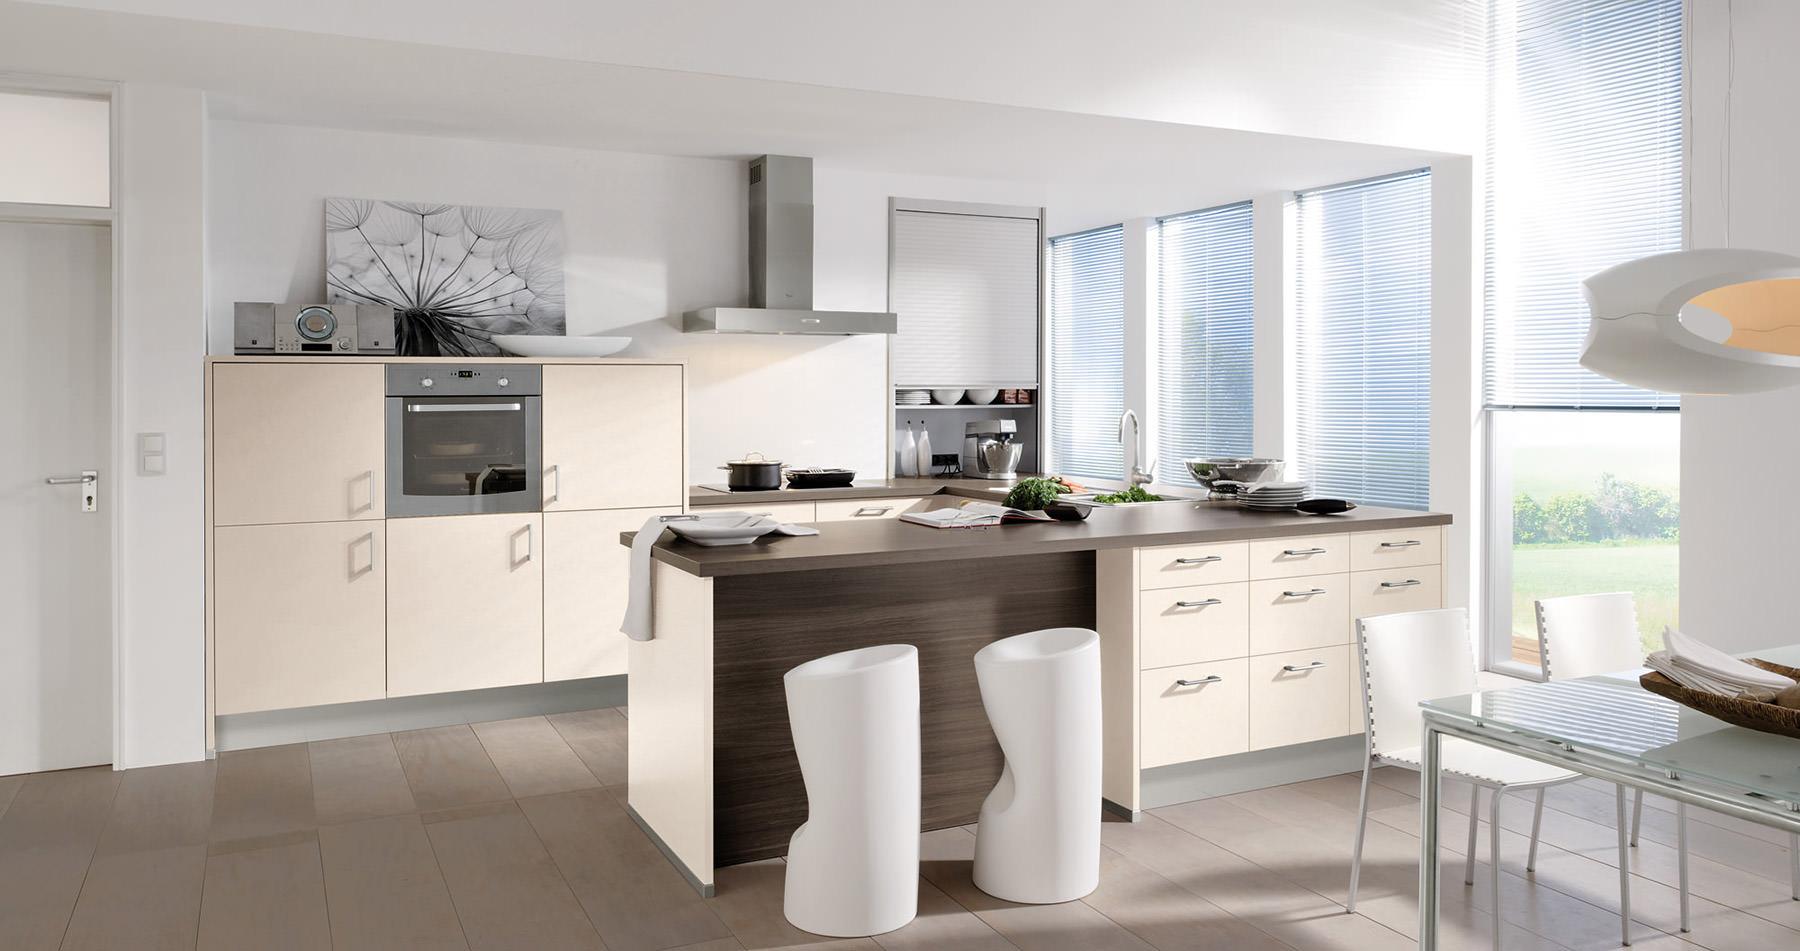 Küchenausstellung in erfurt